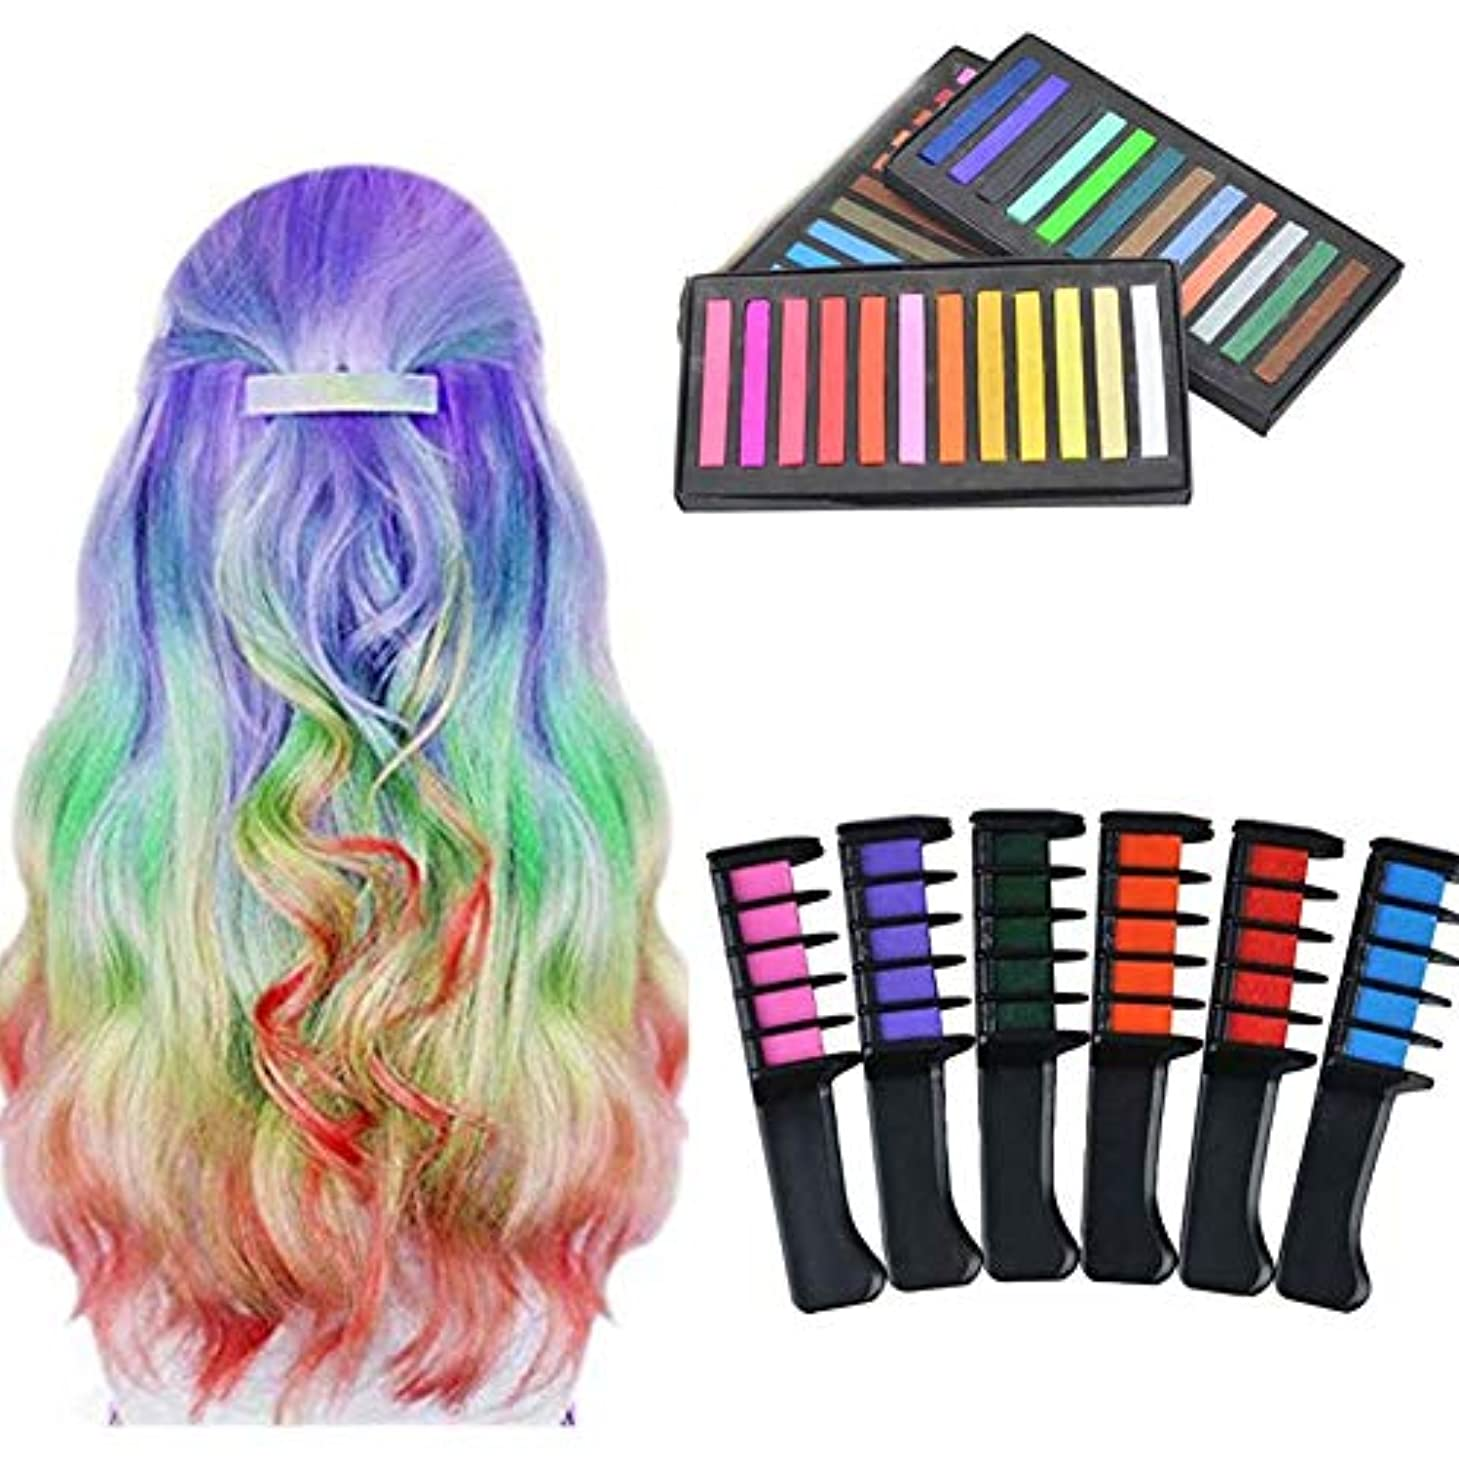 真っ逆さまもっともらしいのためにキッズパーティー洗える髪染めペットキット(6色+ 36色ヘアスティック)のための髪染料チョーク櫛一時的な色